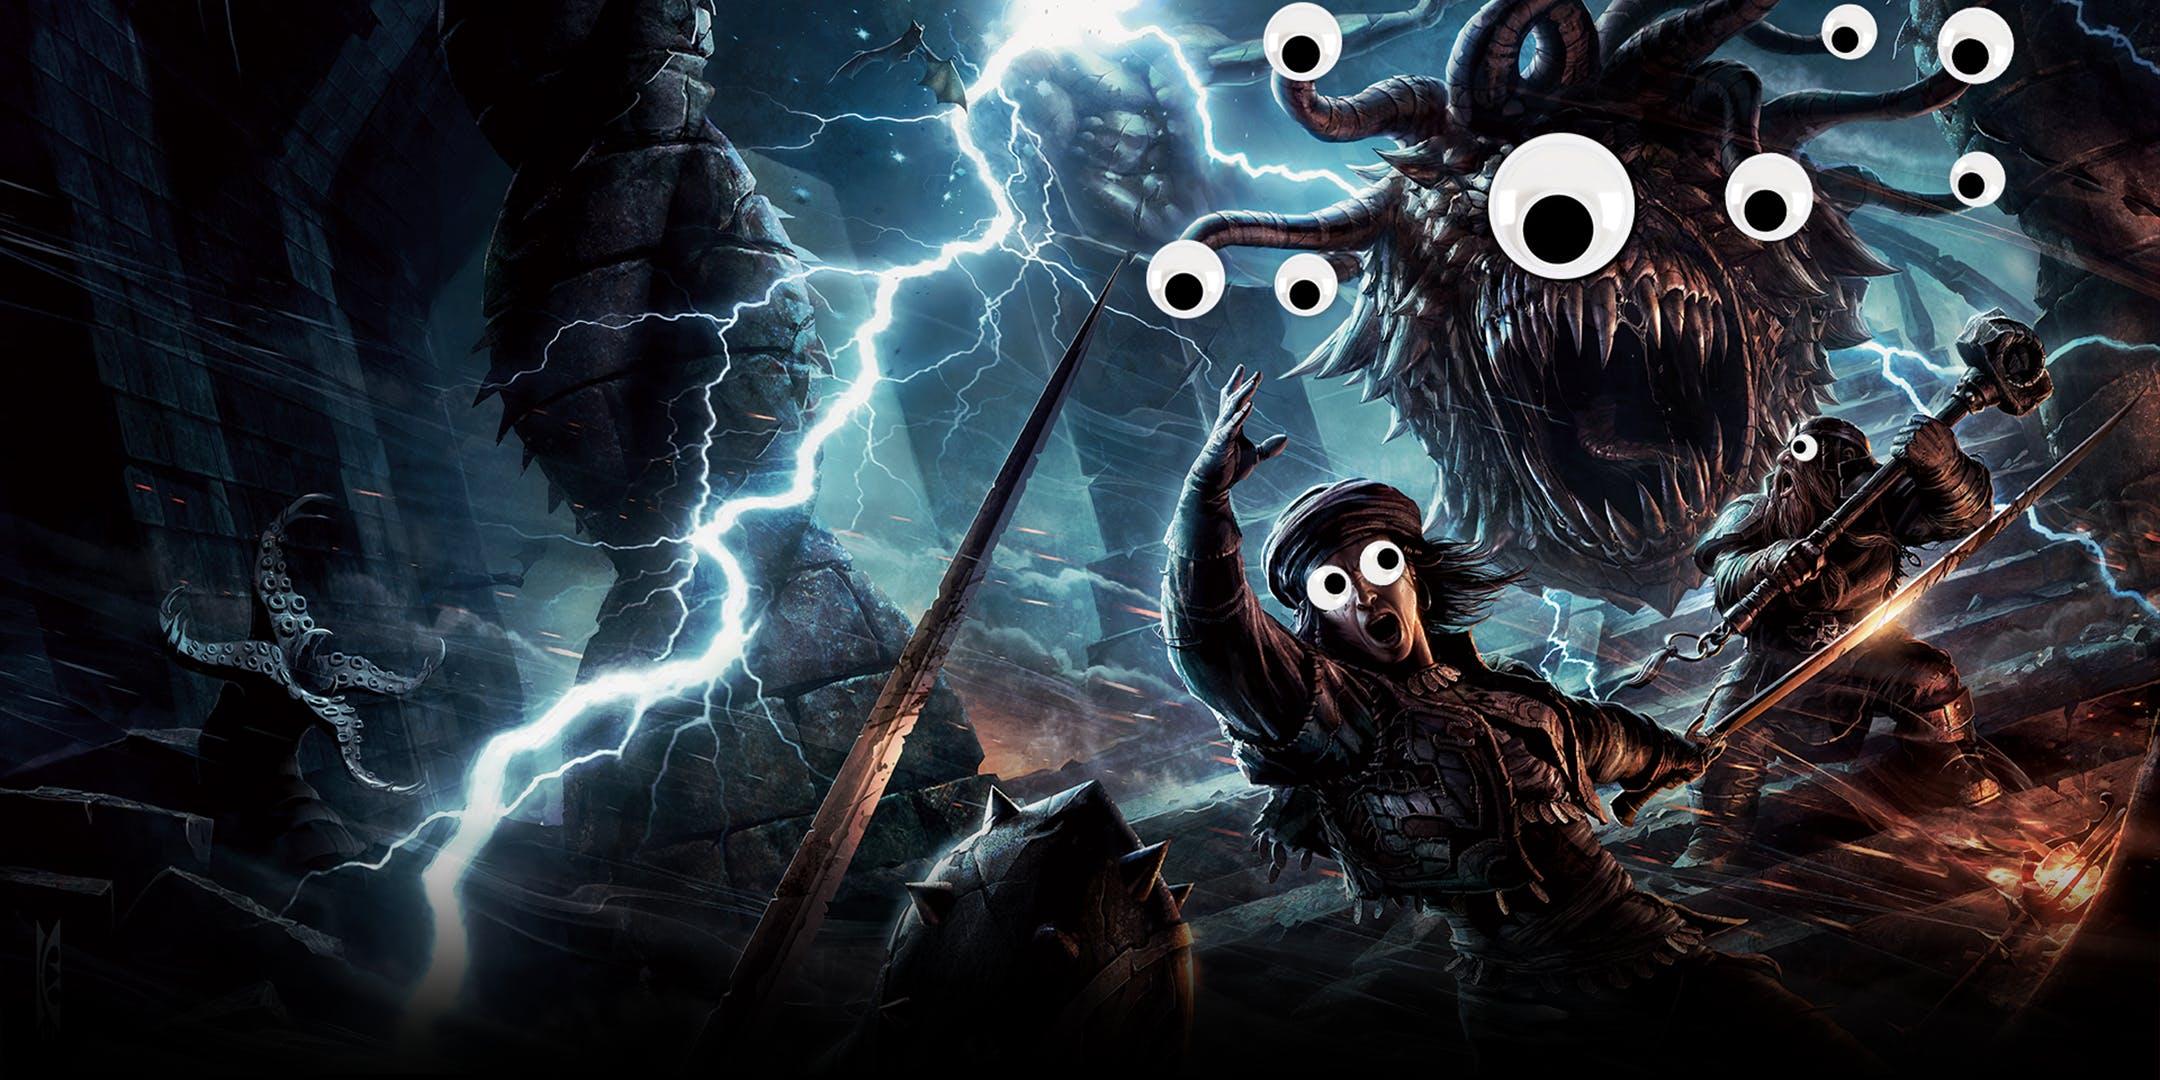 Джои Бэти — Лютик из «Ведьмака» — создал монстра для Dungeons & Dragons